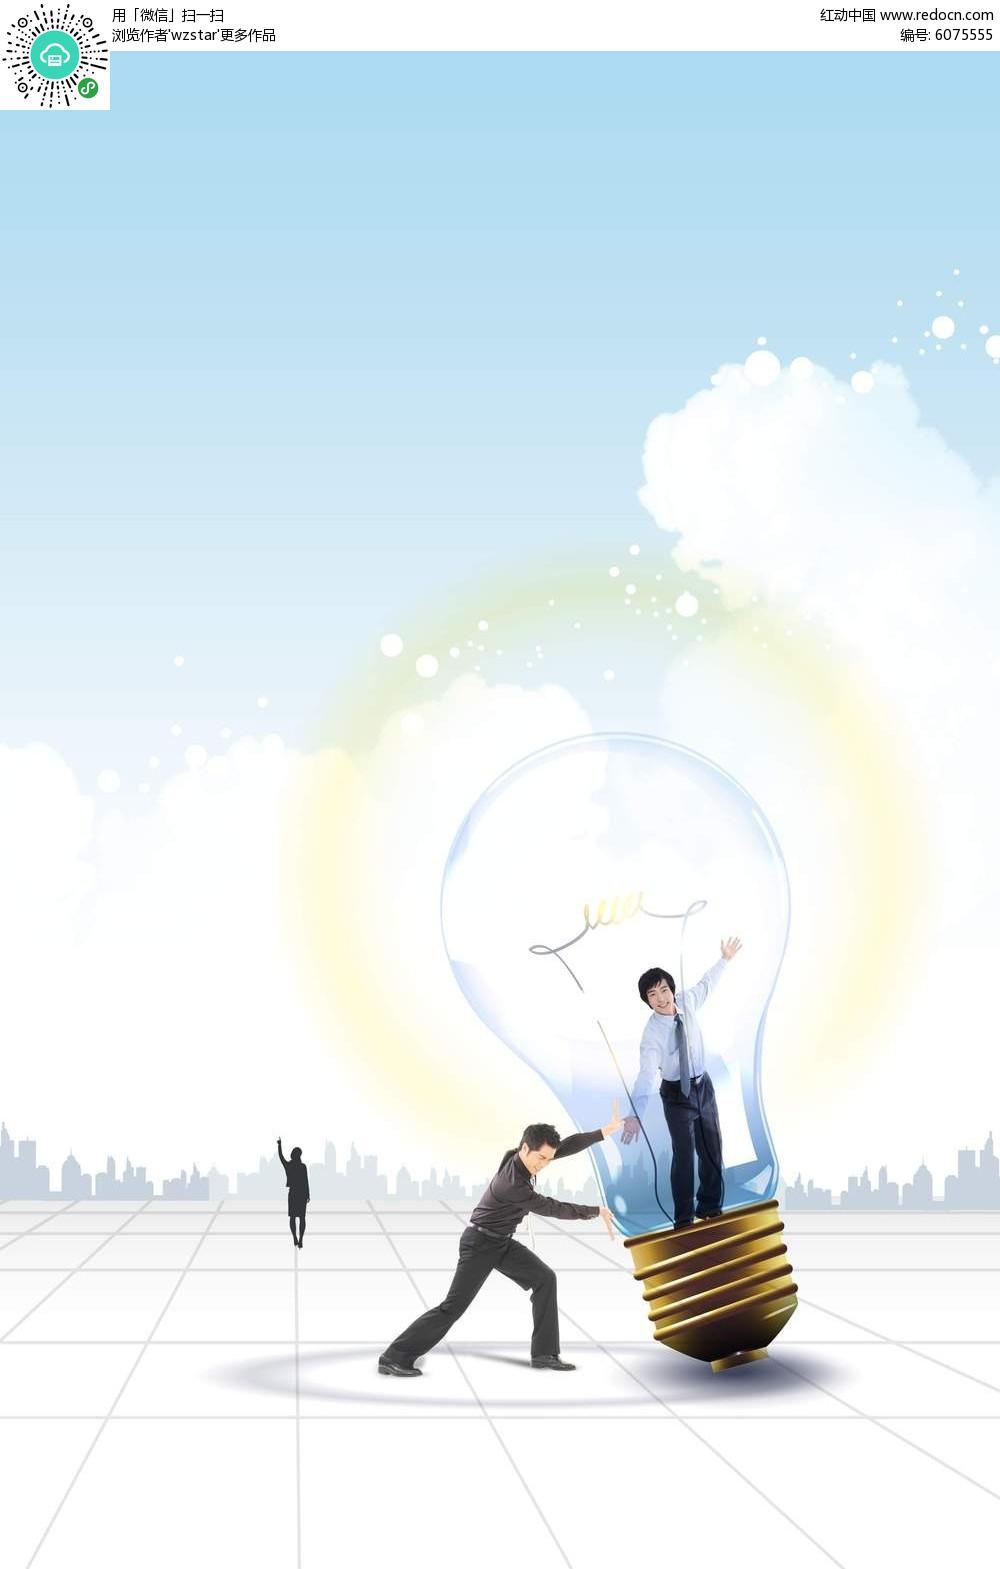 灯泡中的商务人士商务海报背景素材图片